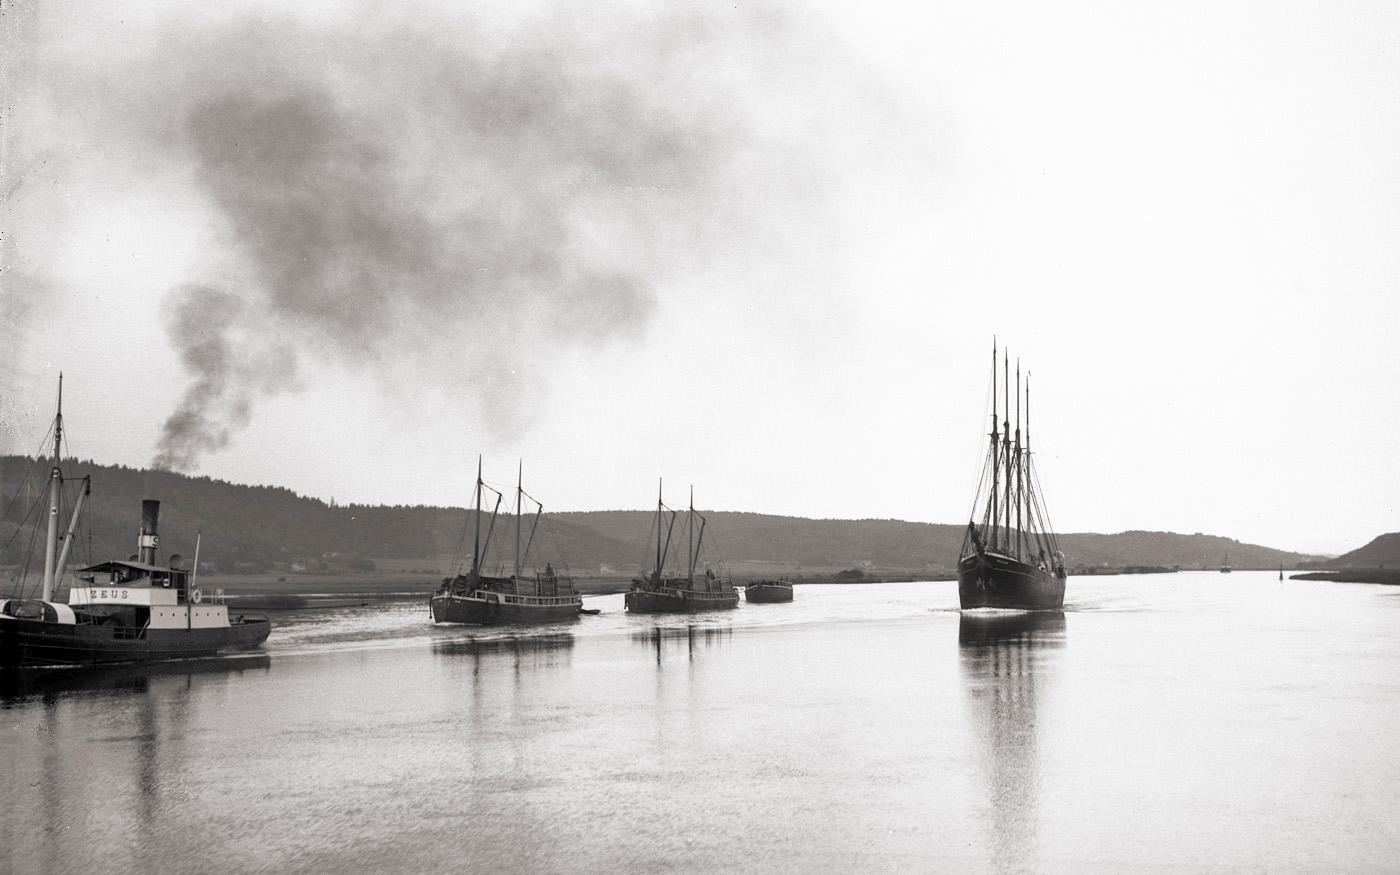 Längs Göta älv. 4-mastad skuta, sannolikt är det danskbyggda DROGDEN byggd 1917 som passerar ZEUS med tre pråmar på släp. Foto: glasplåt med okänd fotograf ca 1920. Ur Vänersborgs museums samlingar.